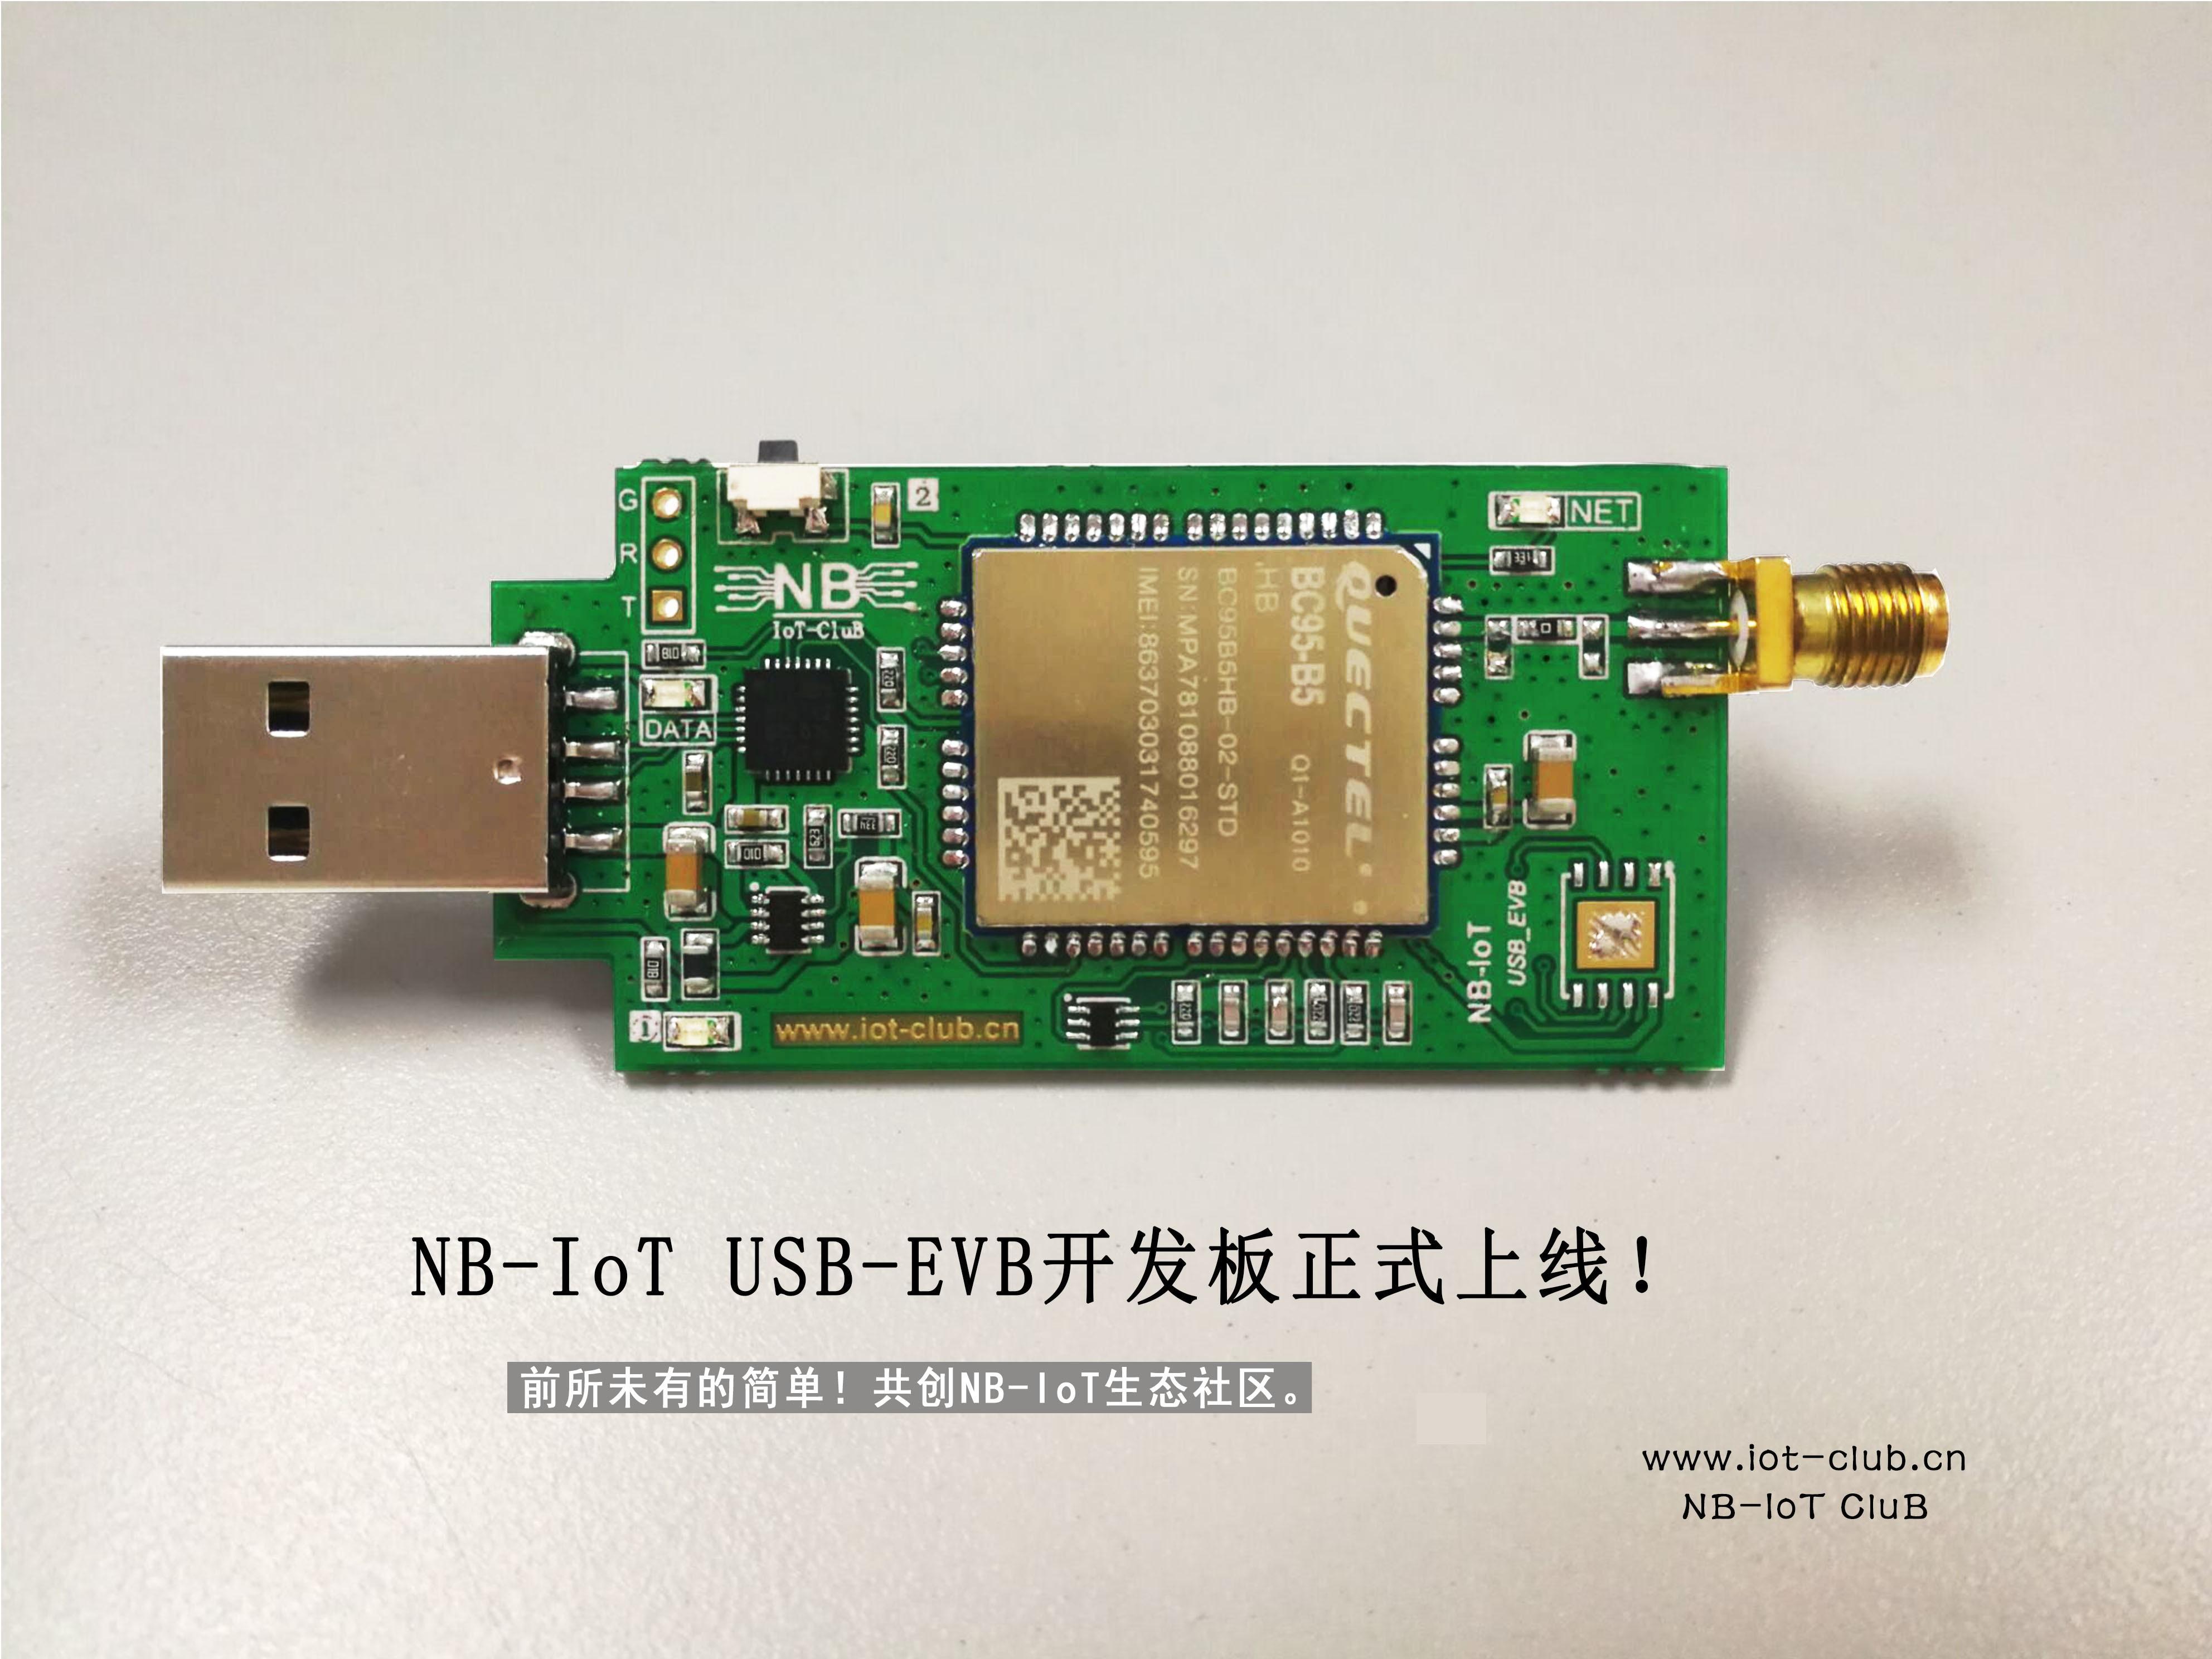 NBIOT Development Board, BC95 Module, BC95 Development Board, NB-IOT Evaluation Board, USB_EVB IOT-CluB<br>